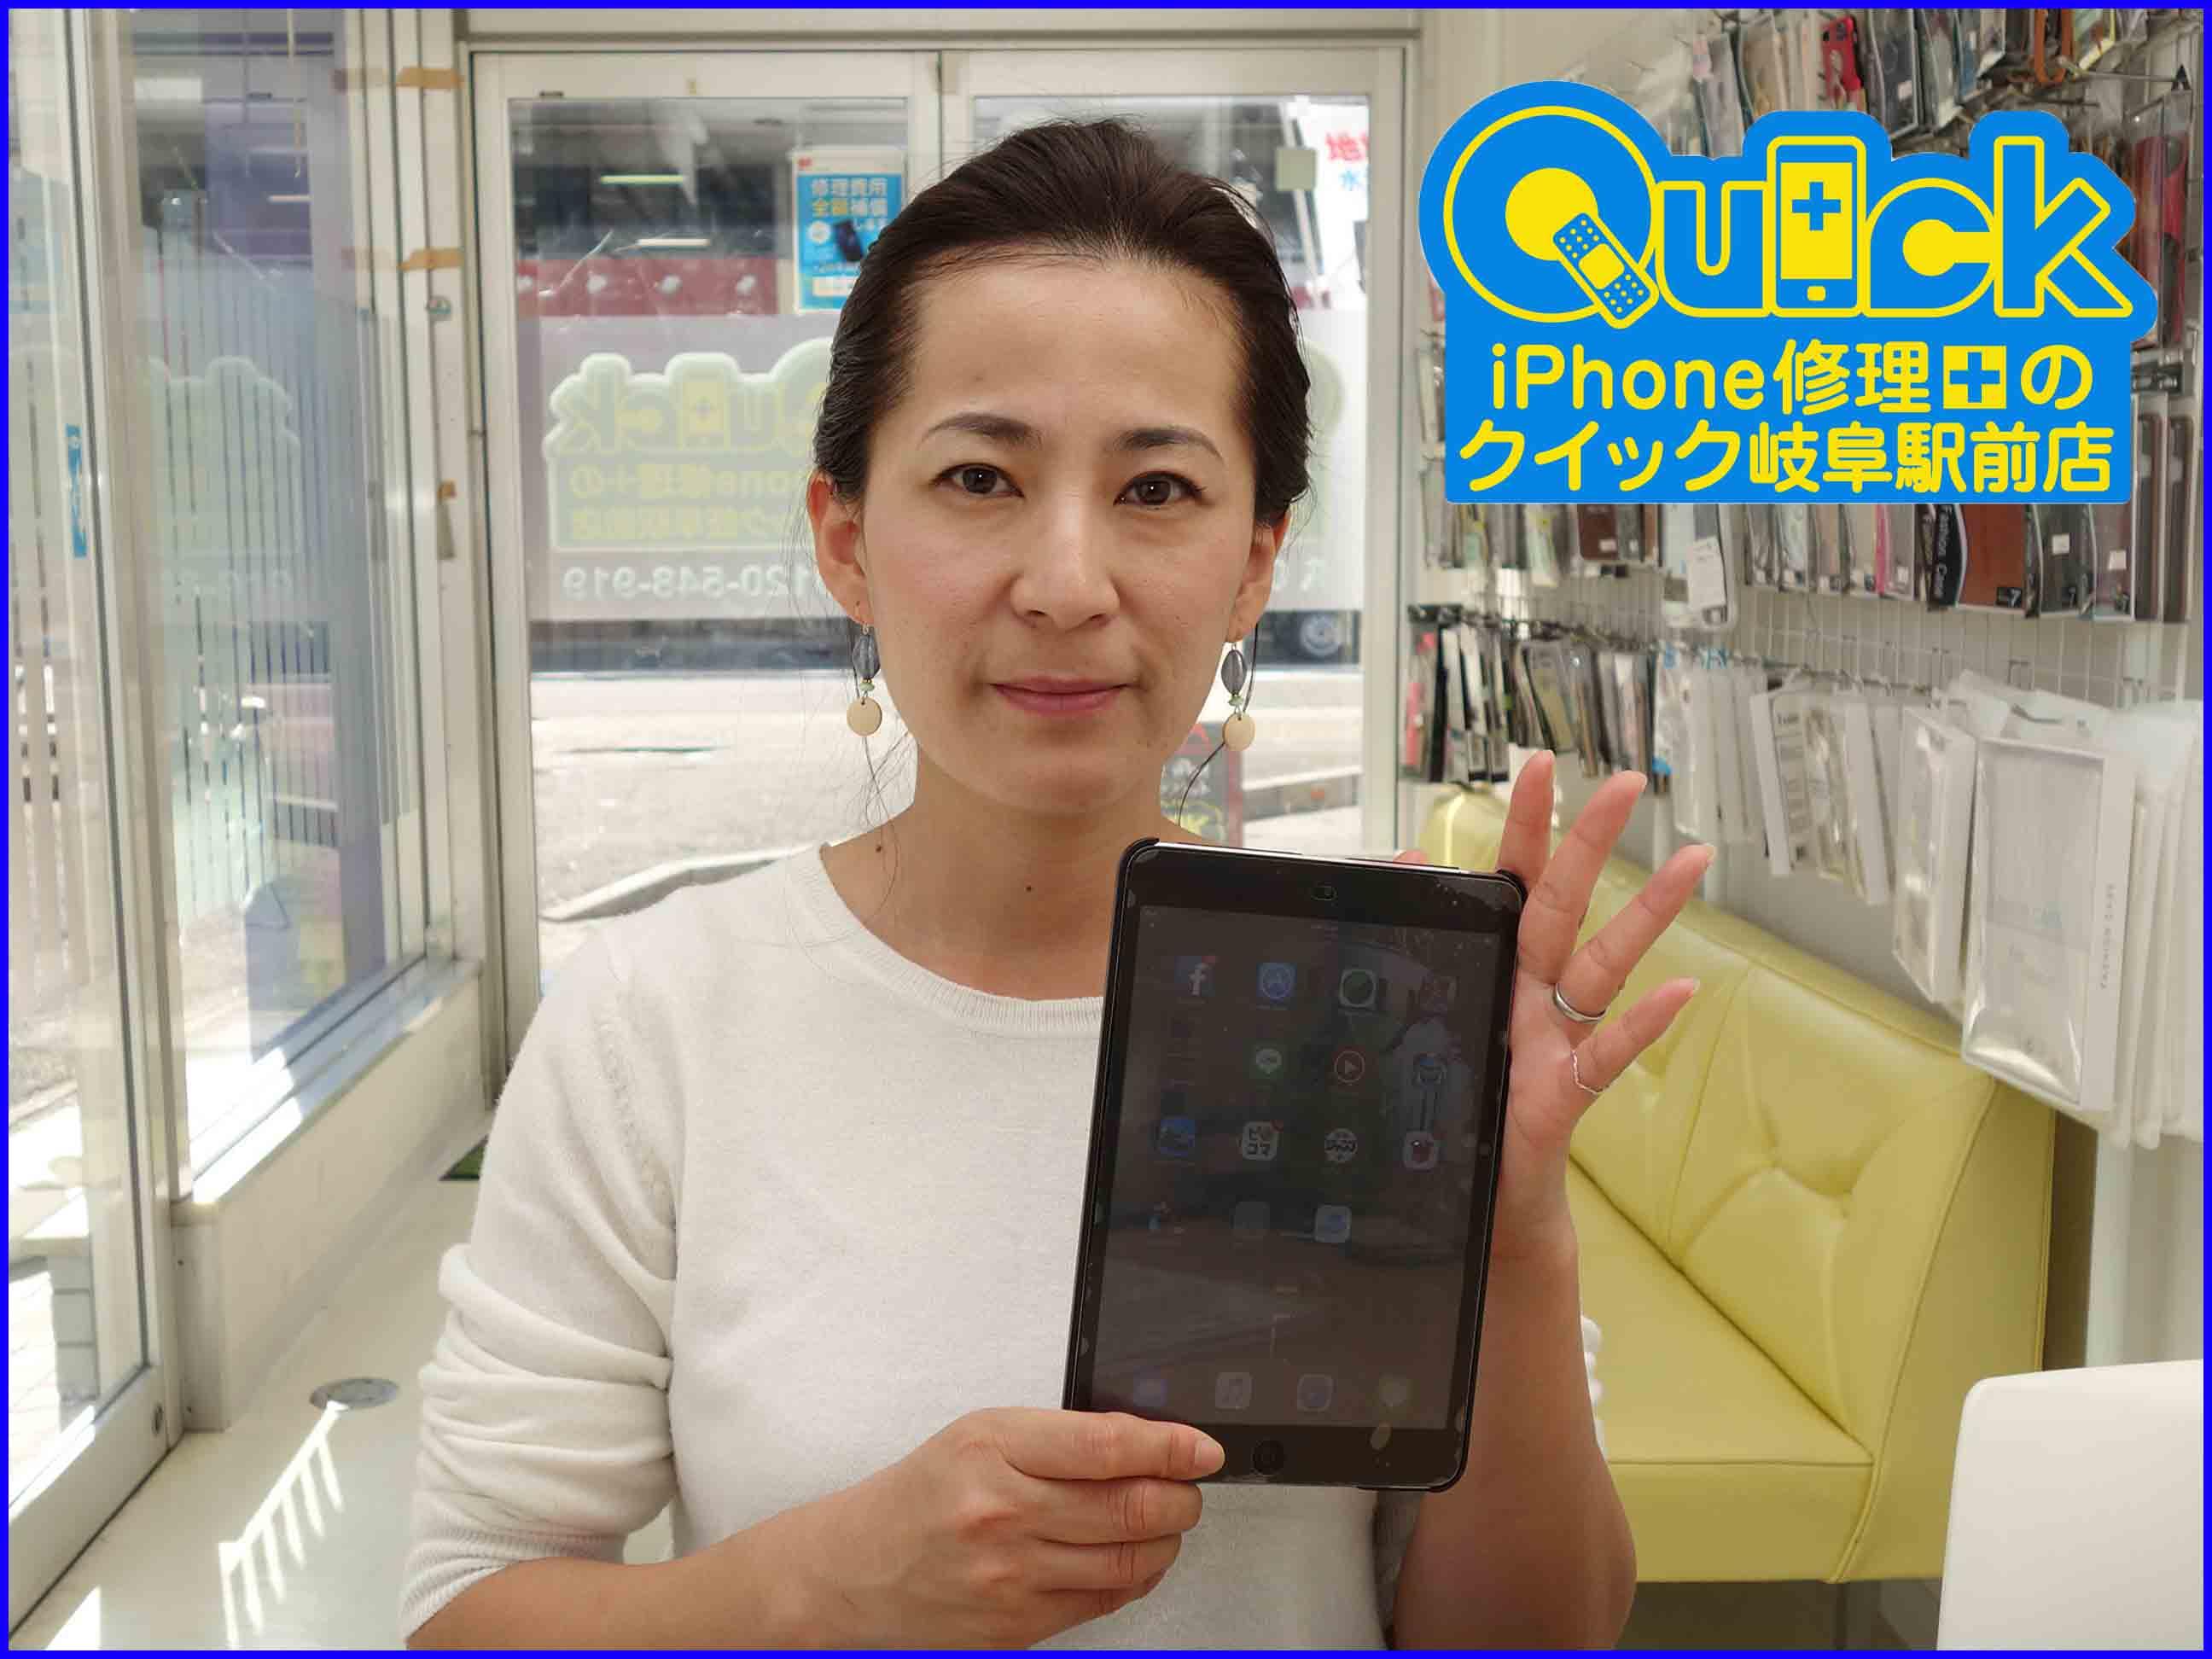 ☆iPad mini2の液晶の交換修理に岐阜市よりご来店!iPad修理もクイック岐阜